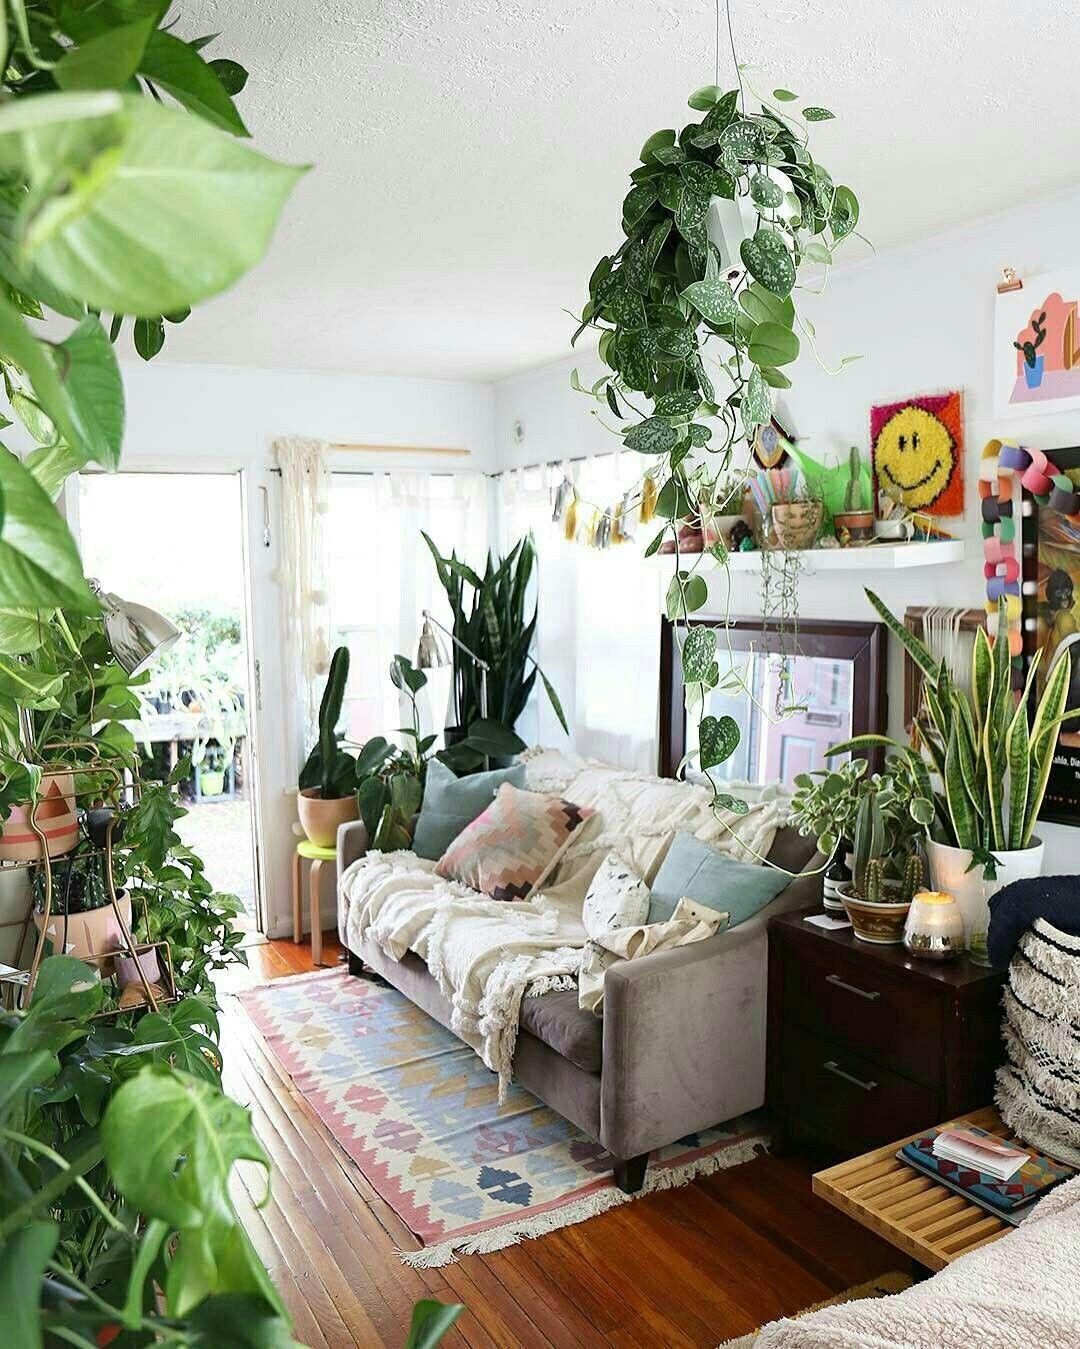 Quero Uma Sala Assim Urbanoutfitters Boho Living Room Living Room Plants Living Room Designs